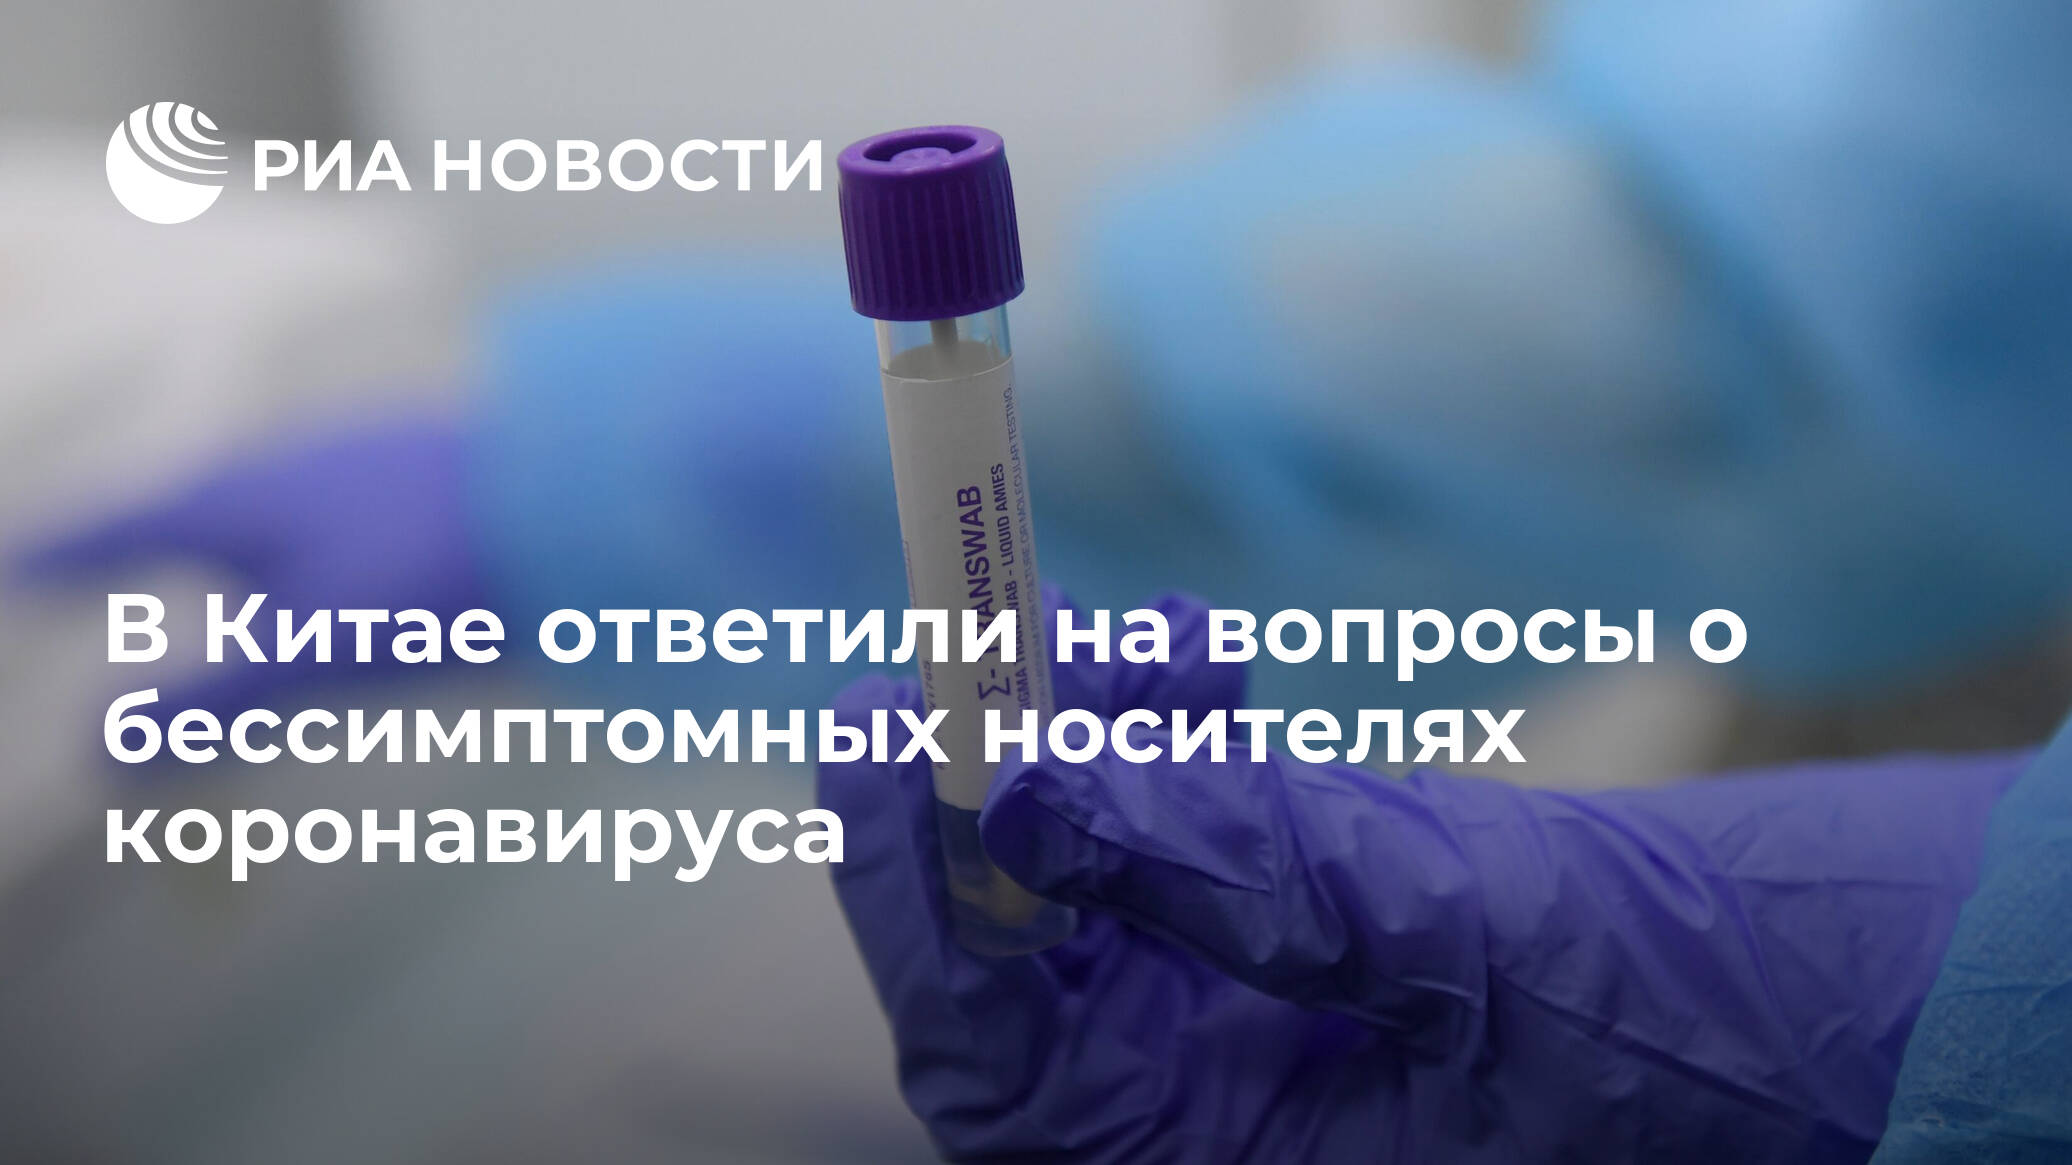 В Китае ответили на вопросы о бессимптомных носителях коронавируса